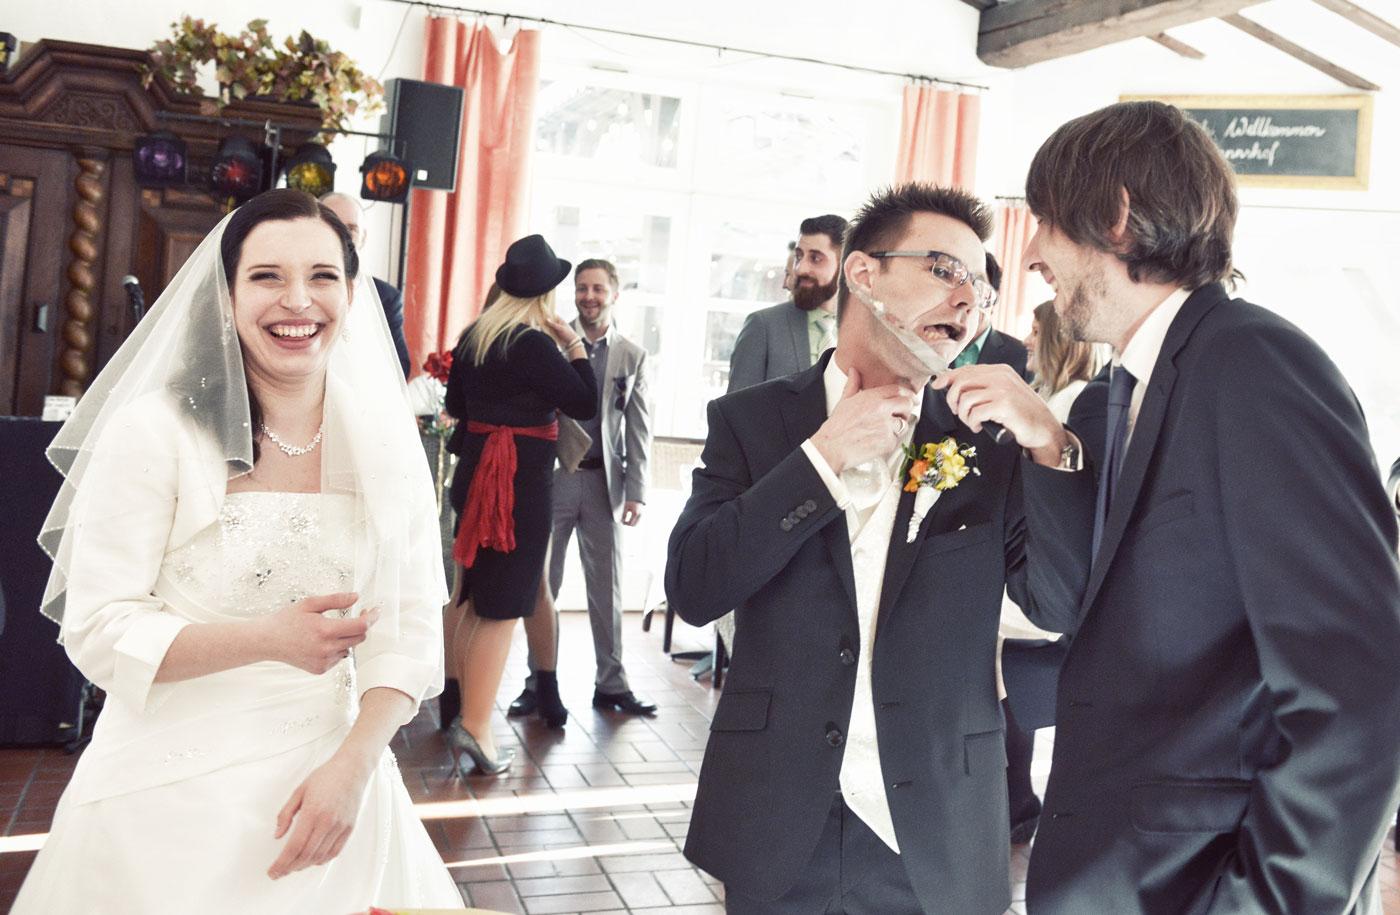 Ein Tag wie dieser - Dienstleister für die perfekte Hochzeit